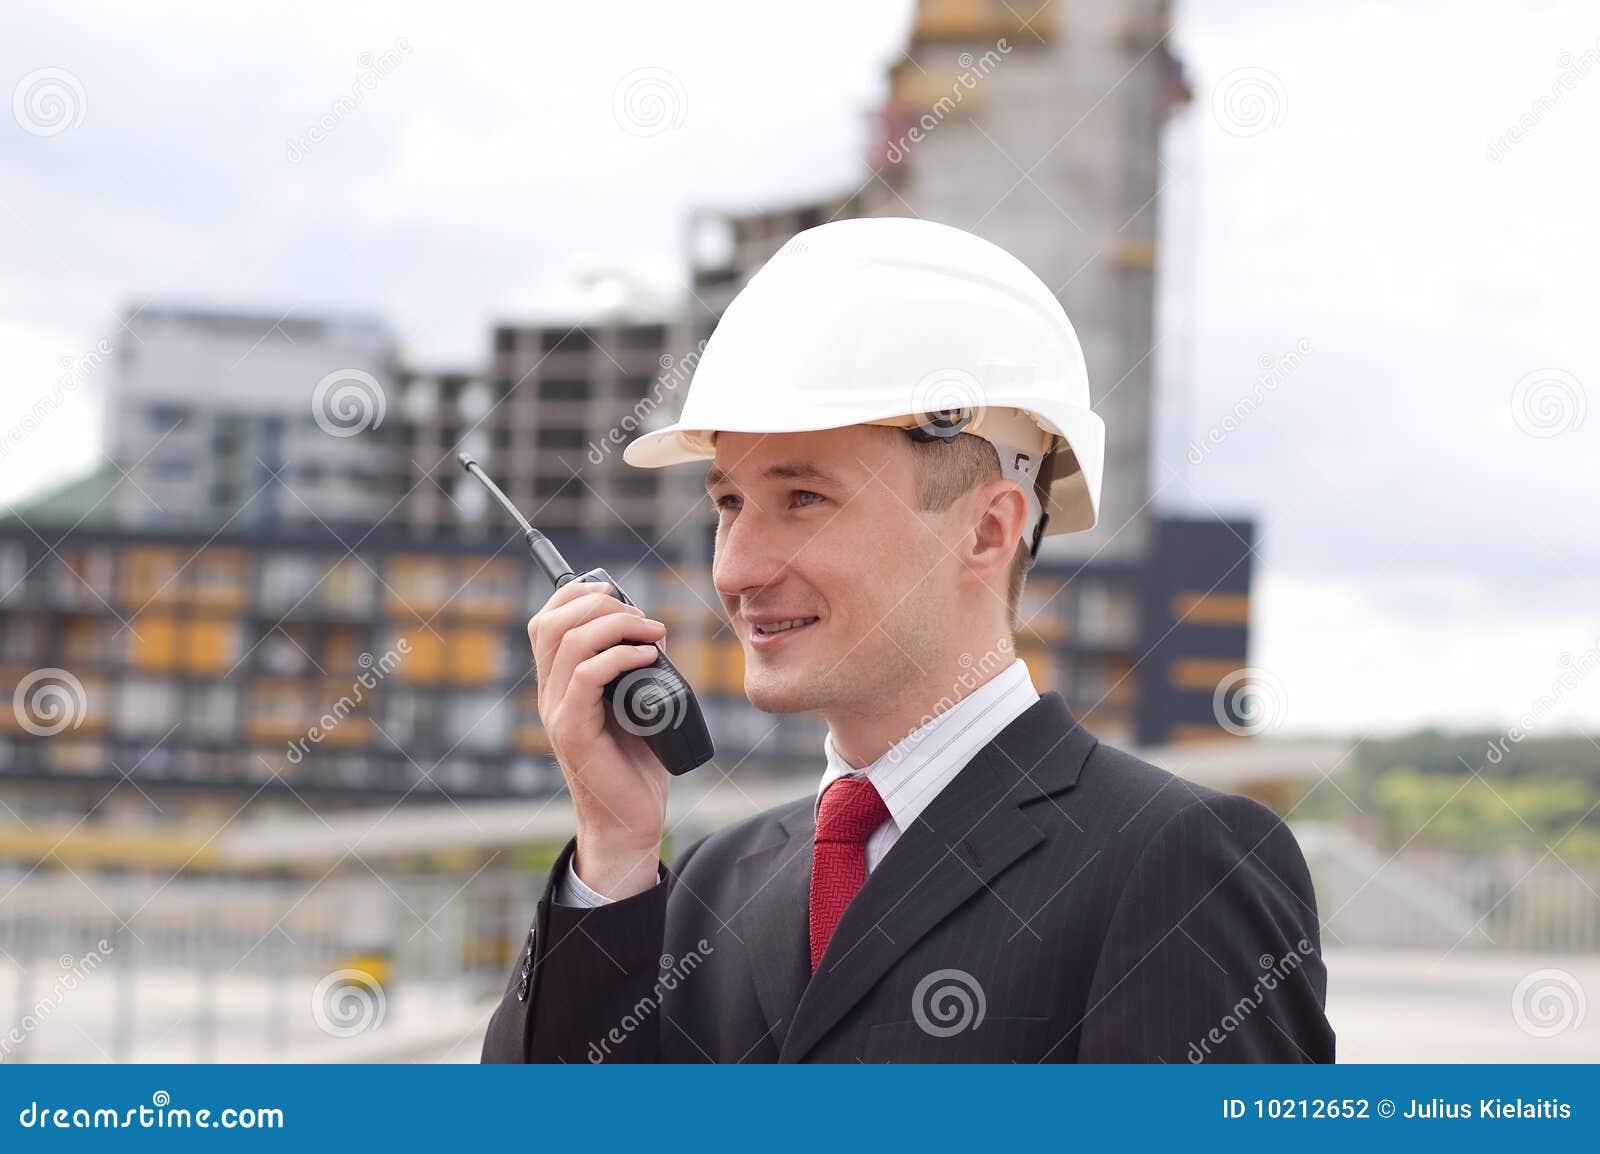 Constructiewerkzaamhedenarbeider/manager